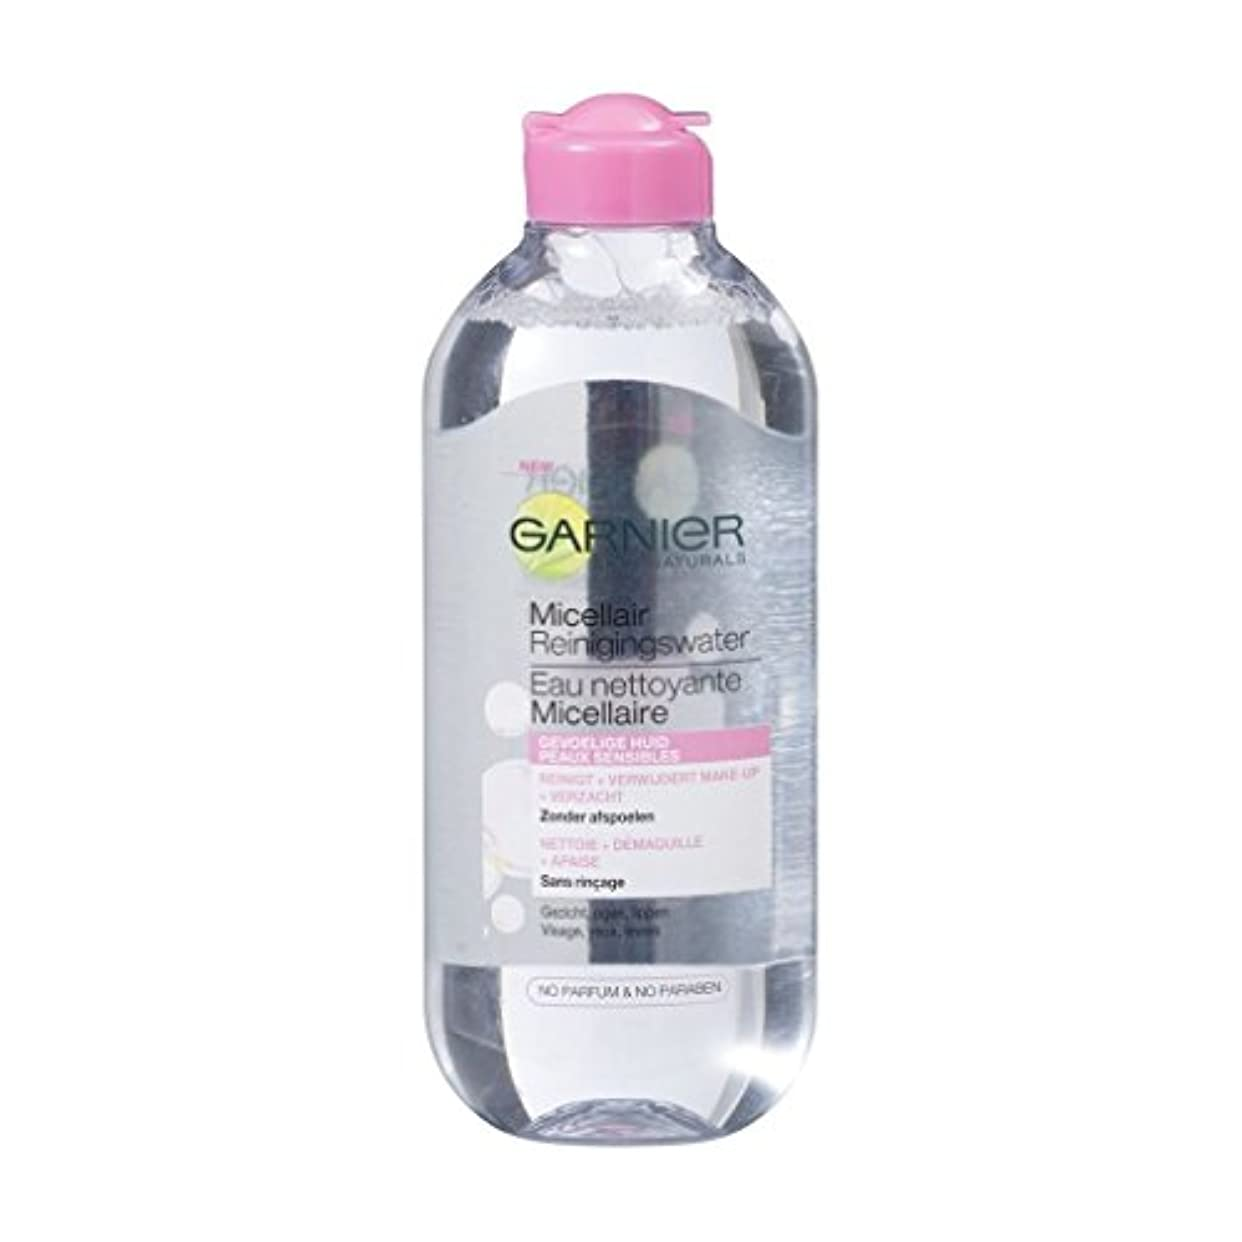 稼ぐグリーンバックストレージガルニエ SkinActive Micellar Water (No Perfume & Paraben) - For Sensitive Skin 400ml/13.3oz並行輸入品